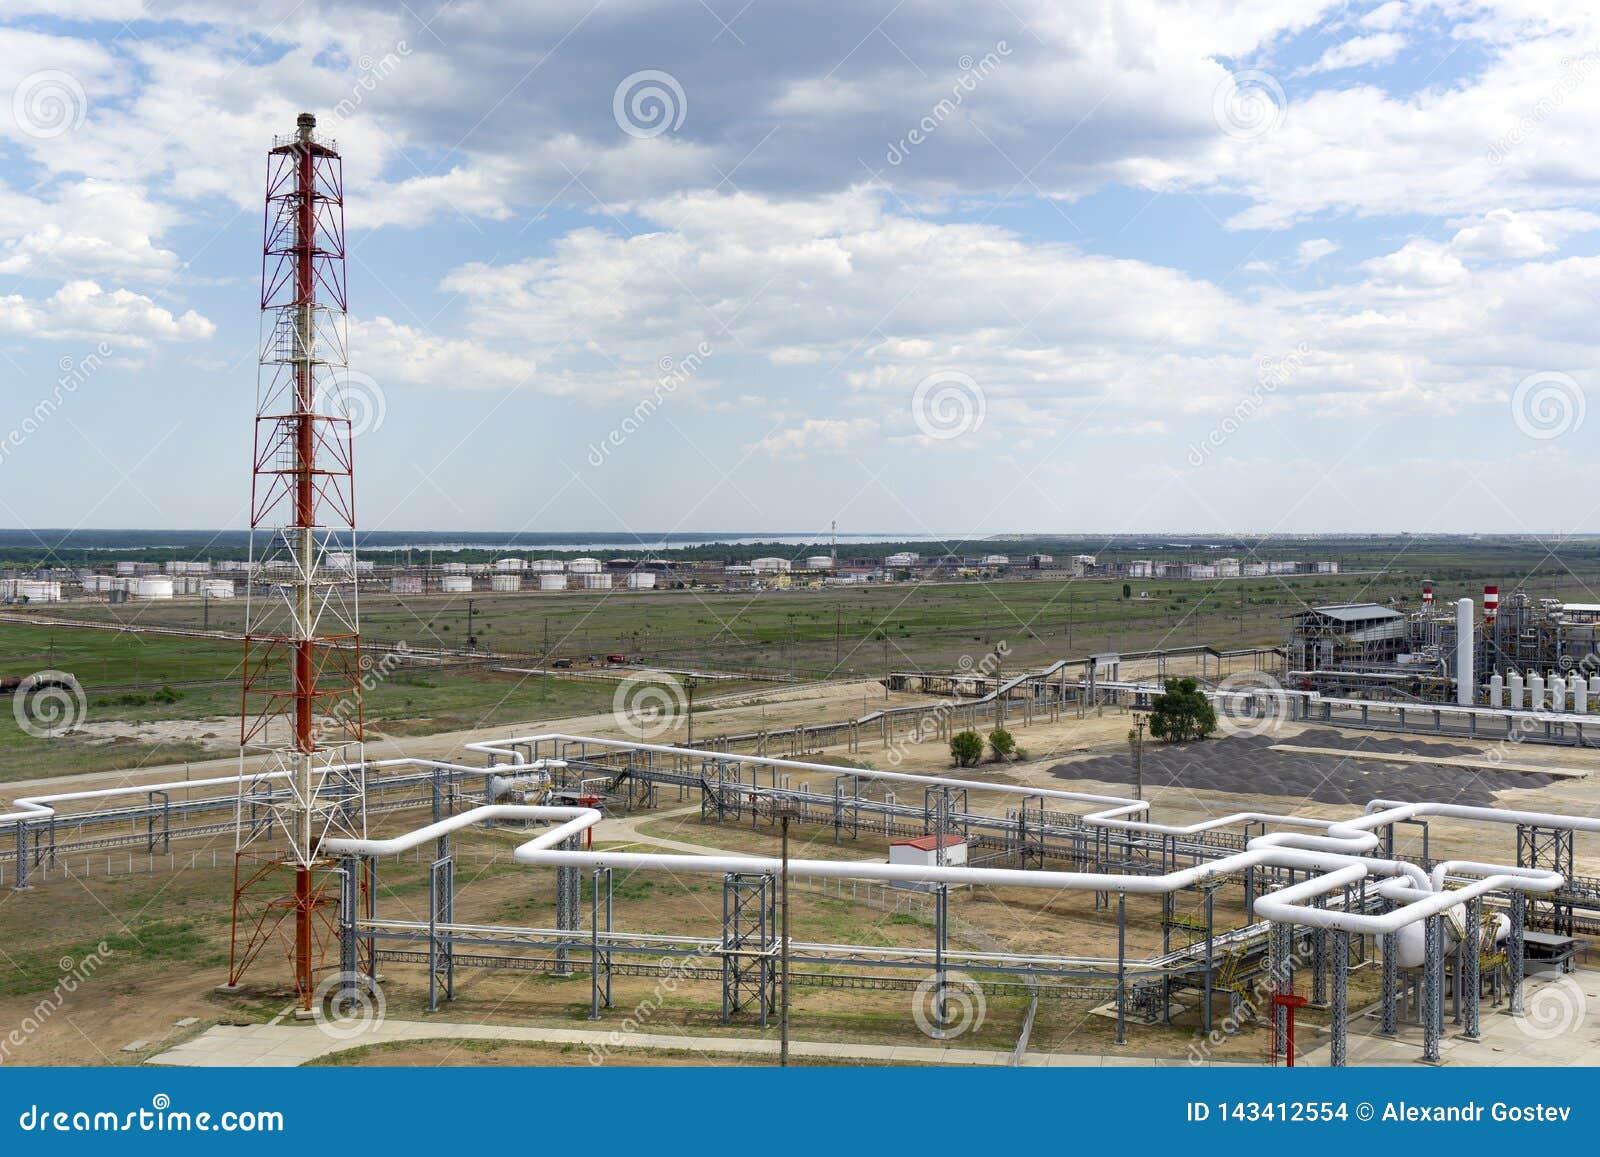 Депо масла железная дорога, транспорт, танк, поезд, на рафинадном заводе в России оборудование и комплексы для обработки углерода